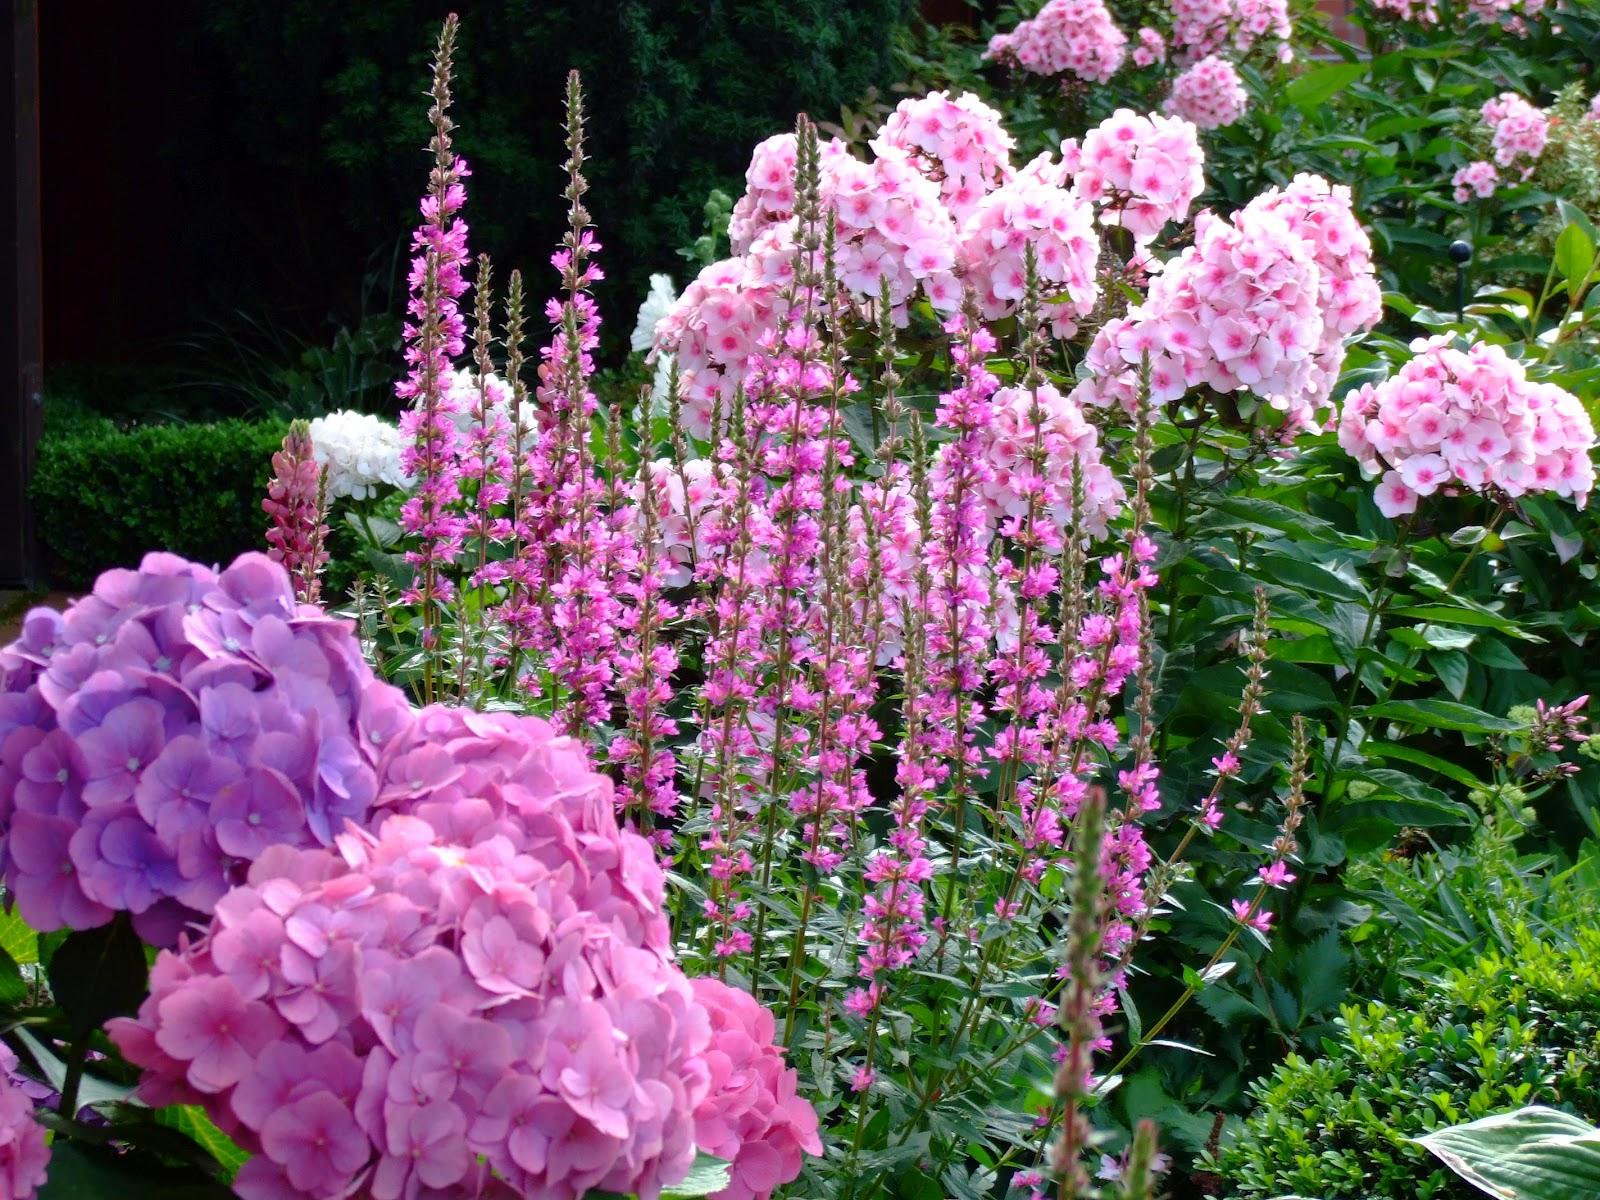 Welche Blumen Bl Hen Im September blumen für schatten blumen f r balkon im schatten pflanzen blumen fur balkon im schatten